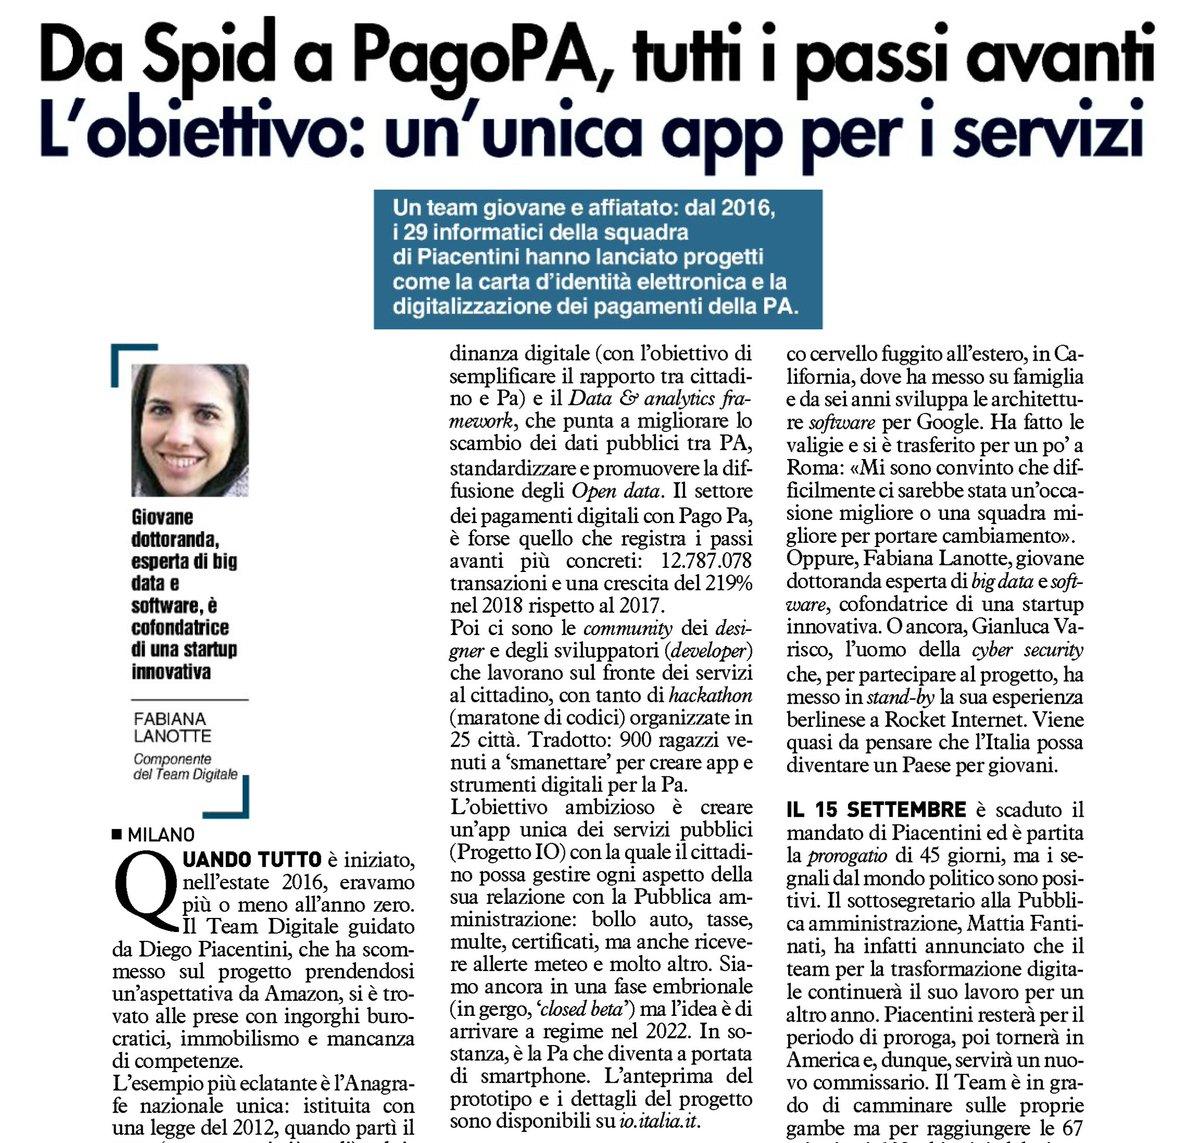 Via @quotidianonet \